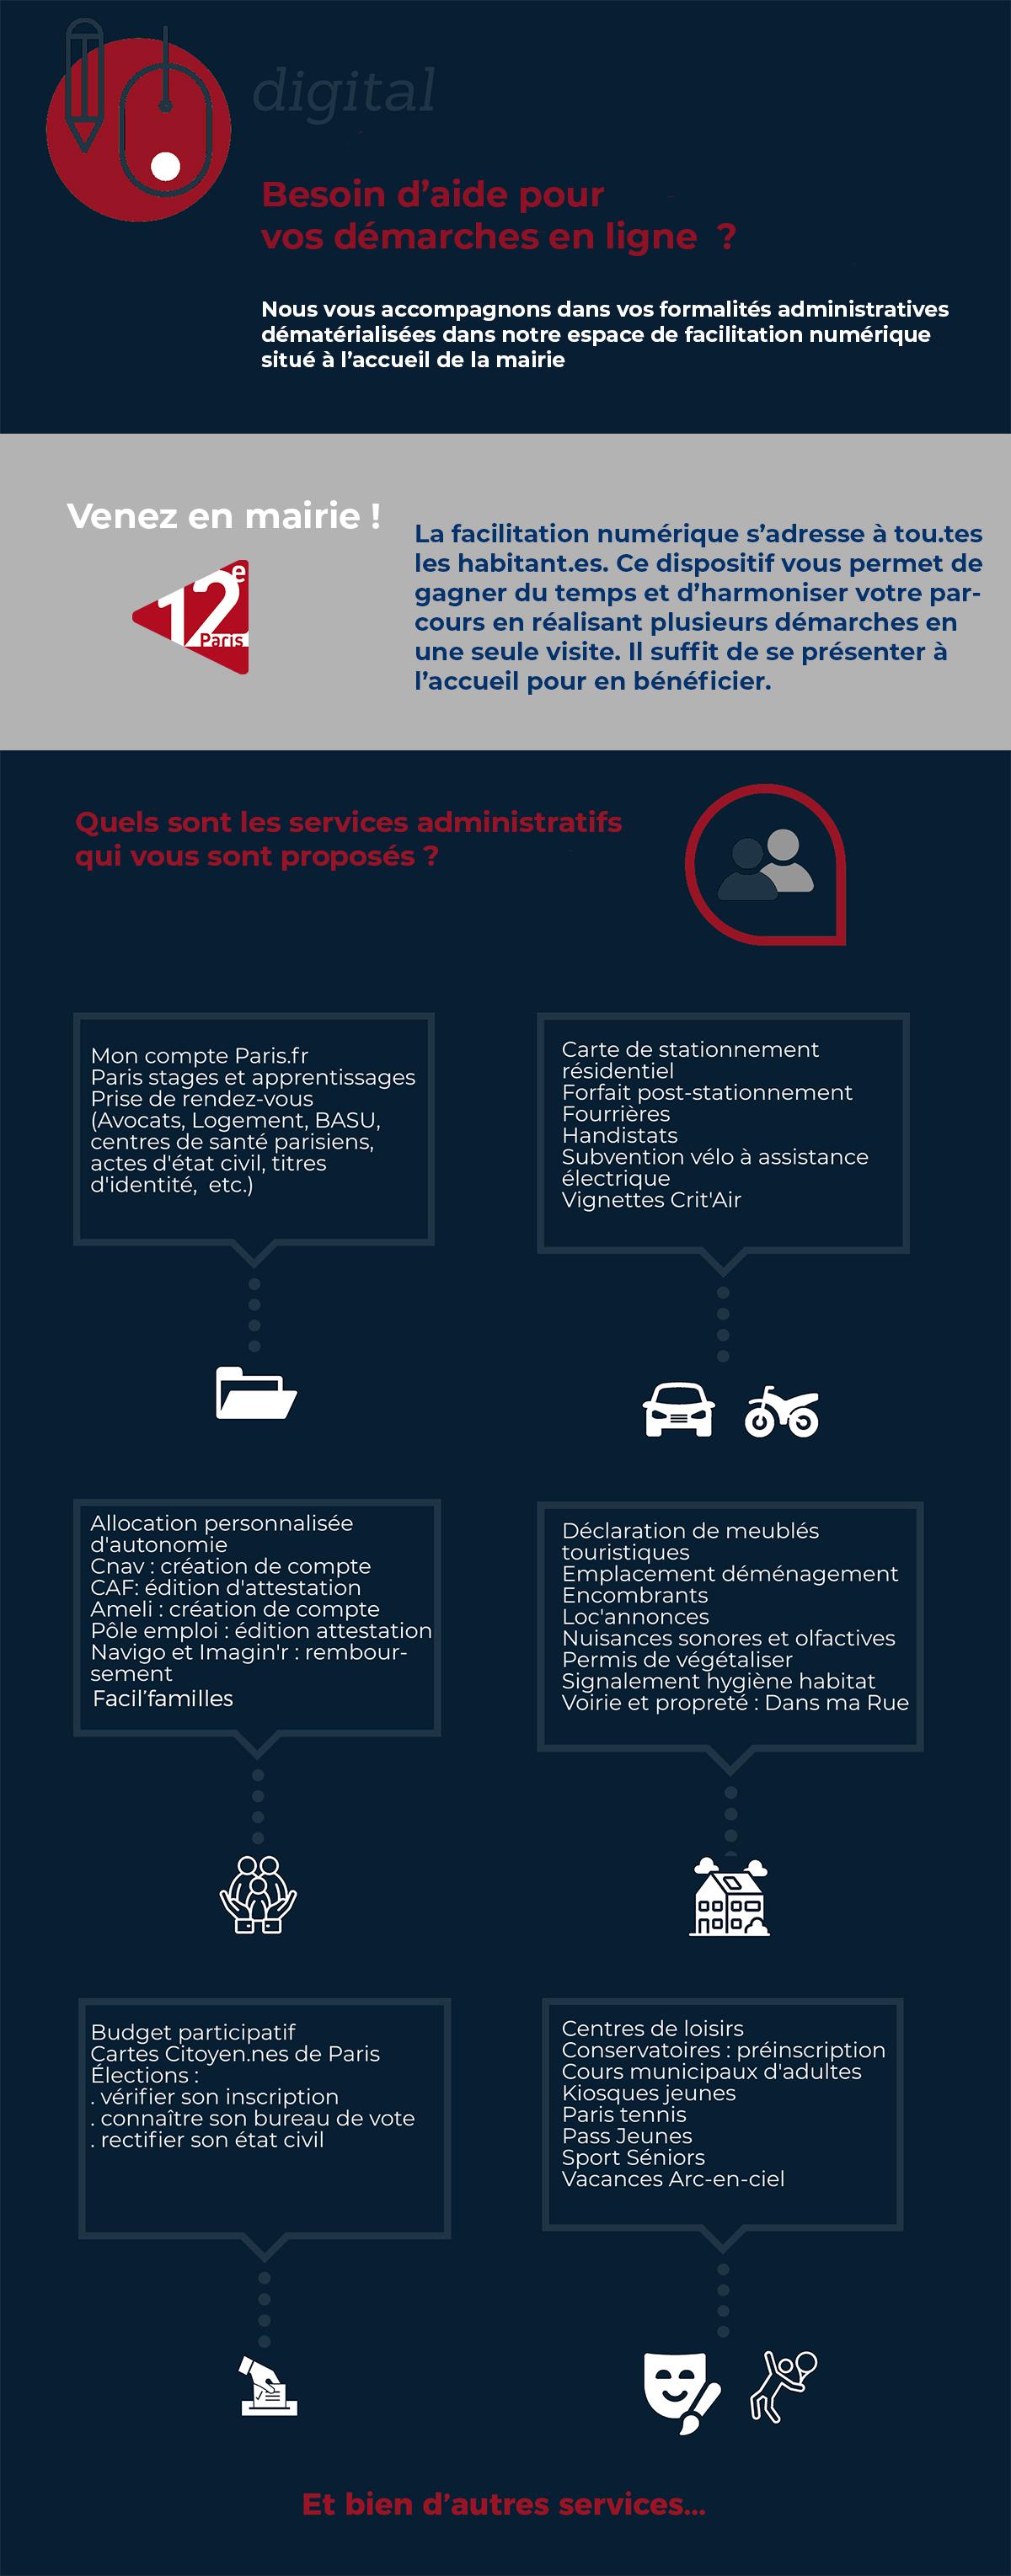 Visuel sur la facilitation numérique, un service destiné à informer et accompagner les usagers dans leurs démarches administratives en ligne